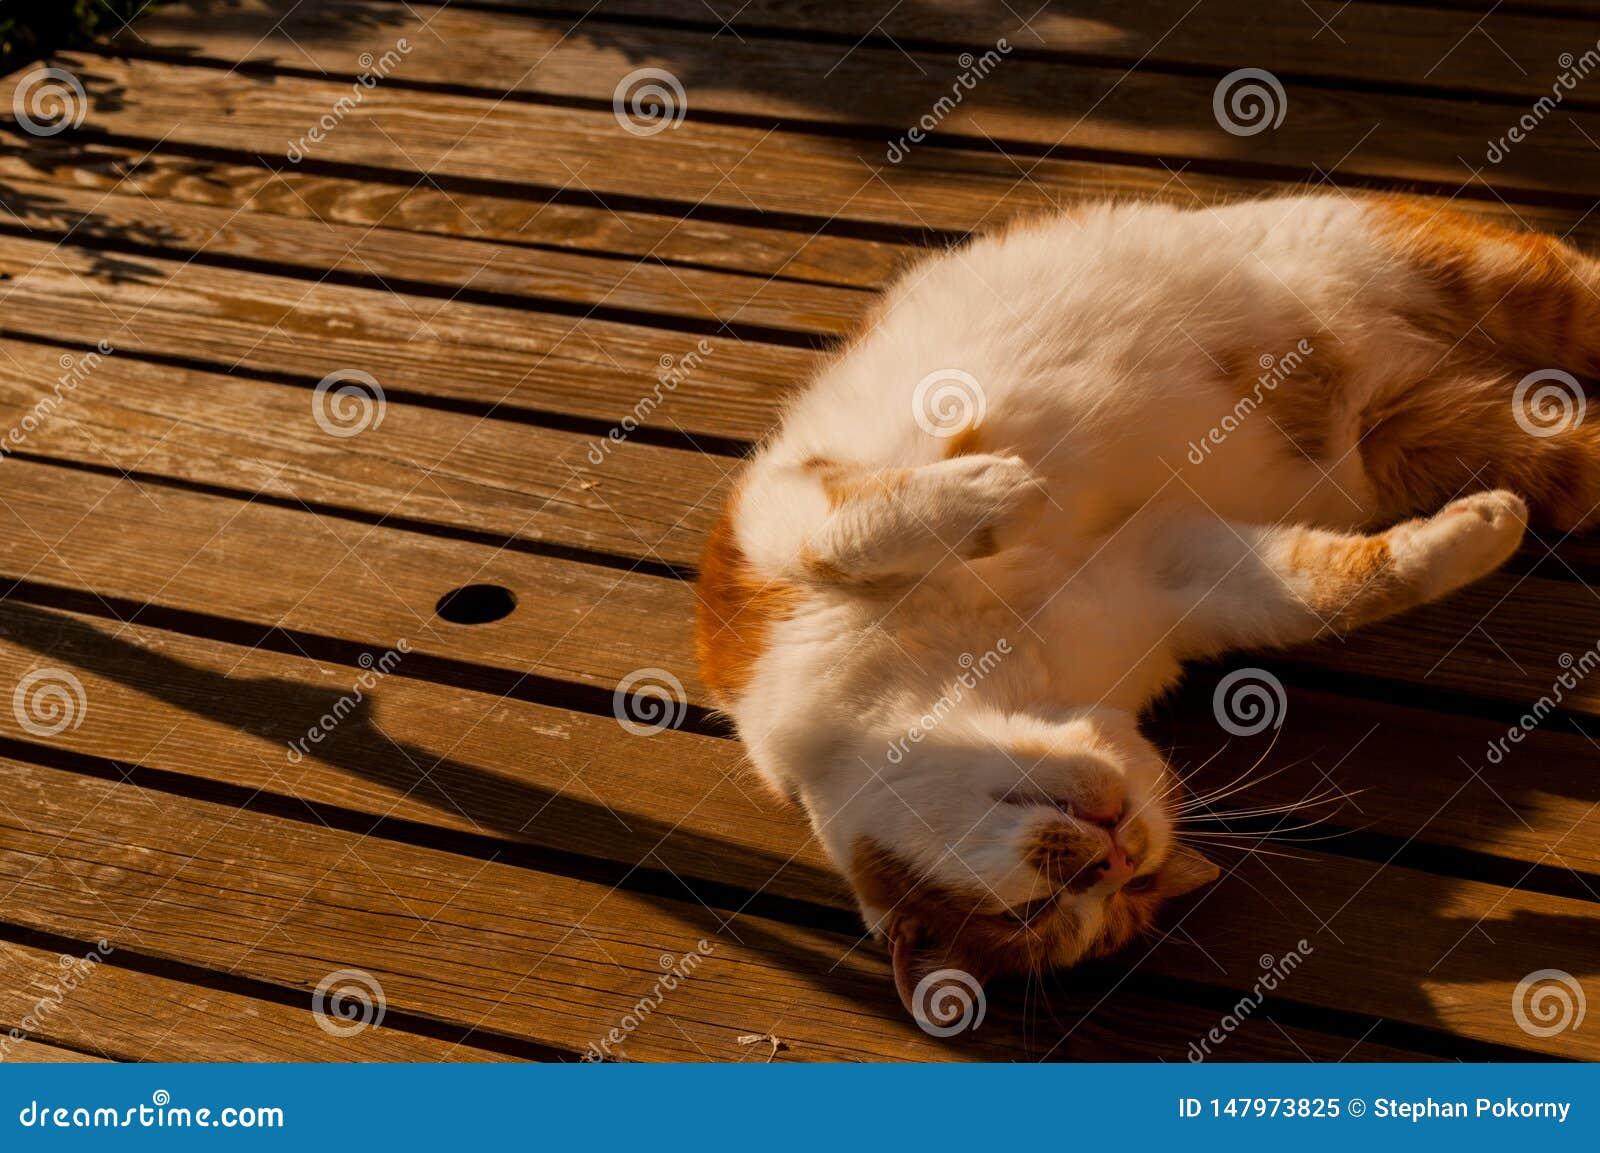 睡觉在桌上的猫